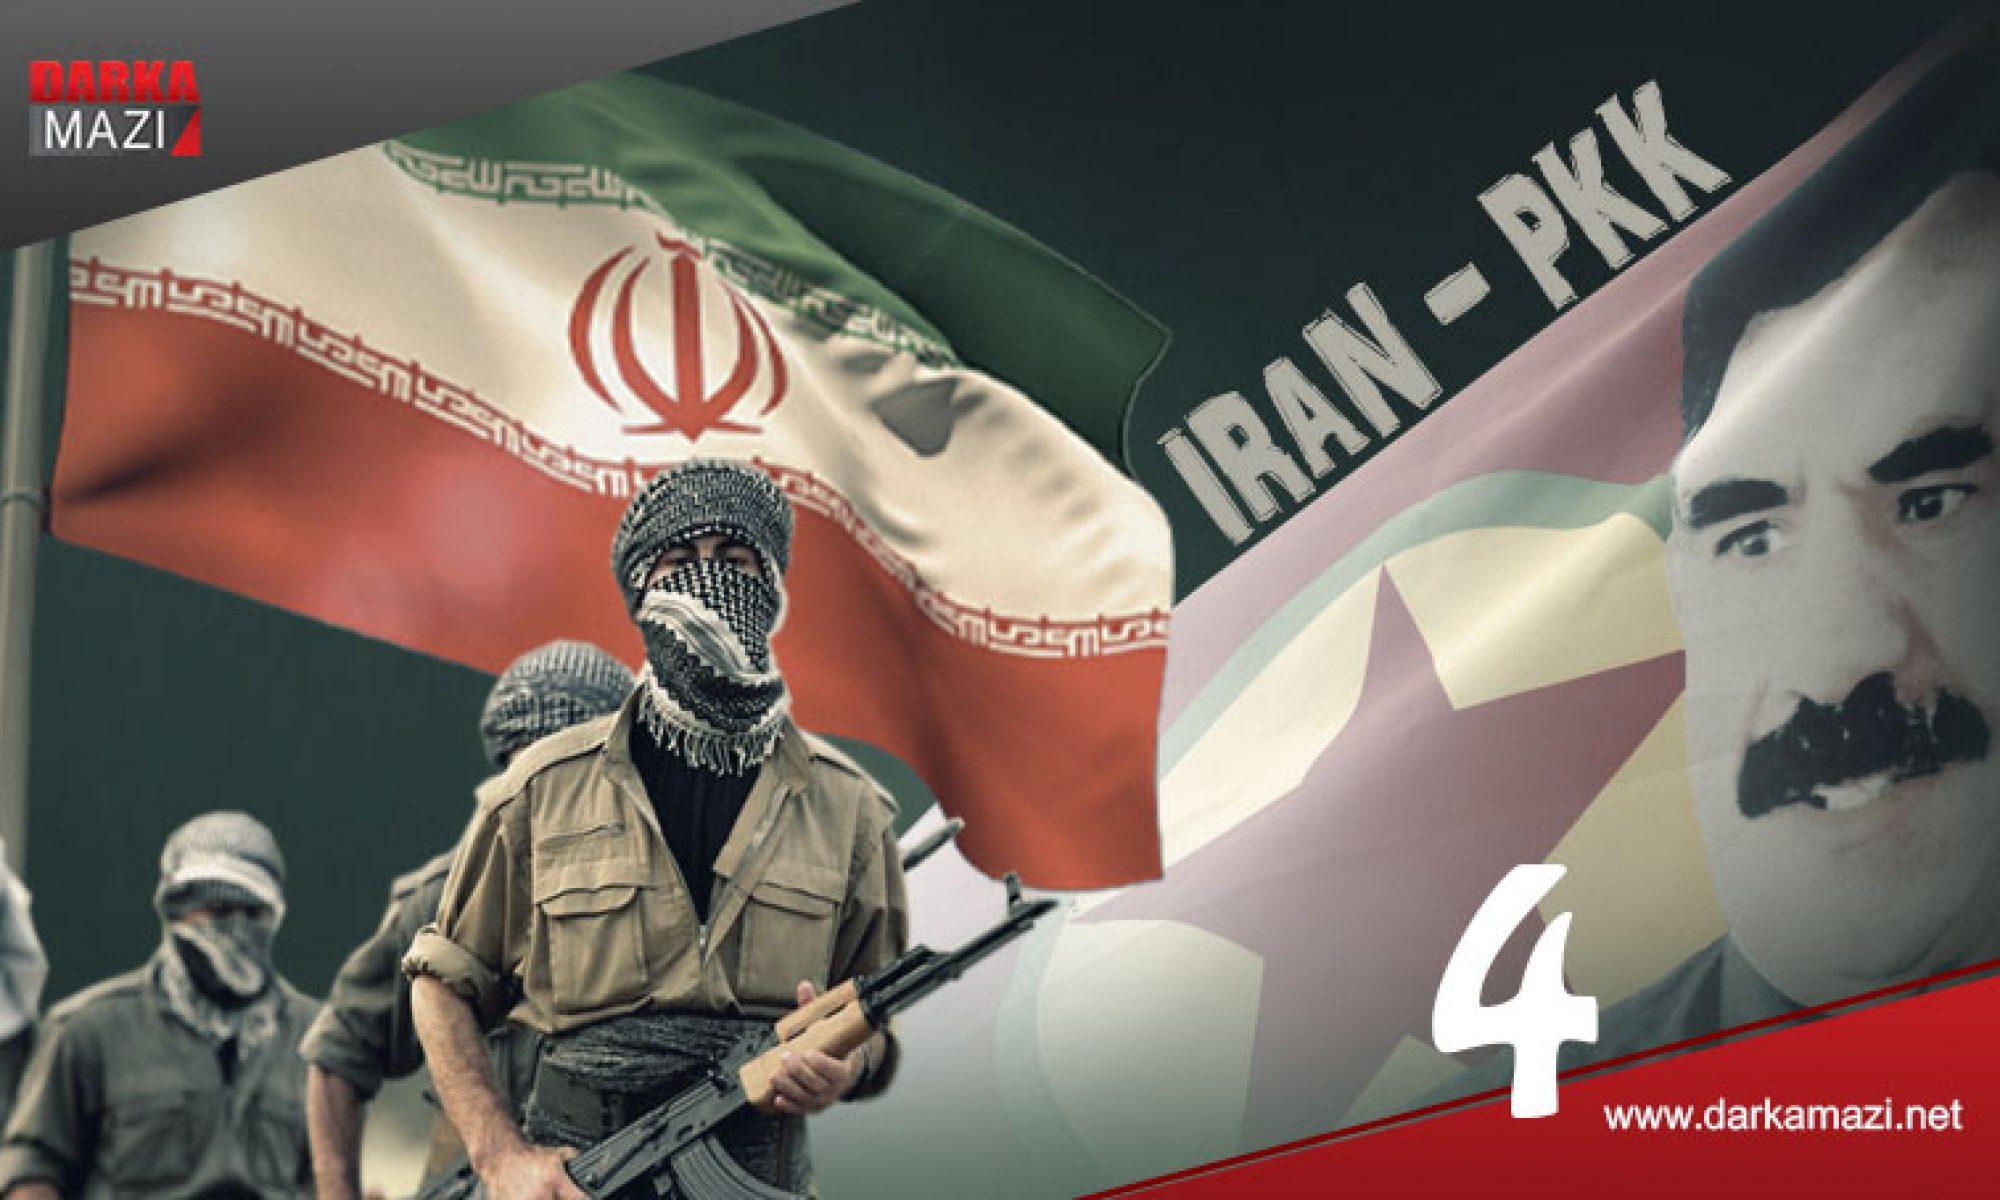 Özel Dosya: PKK İran ilişkilerinin dünü bugünü ve geleceği, Sipan Rojhilat, Şapur Bodoşiva, PKK 7. Kongresi, YNK-PKK savaşı, Kadir Aziz, Ayende, Dola Koke, Cemil Bayık, ABD'nin Irak müdahalesi